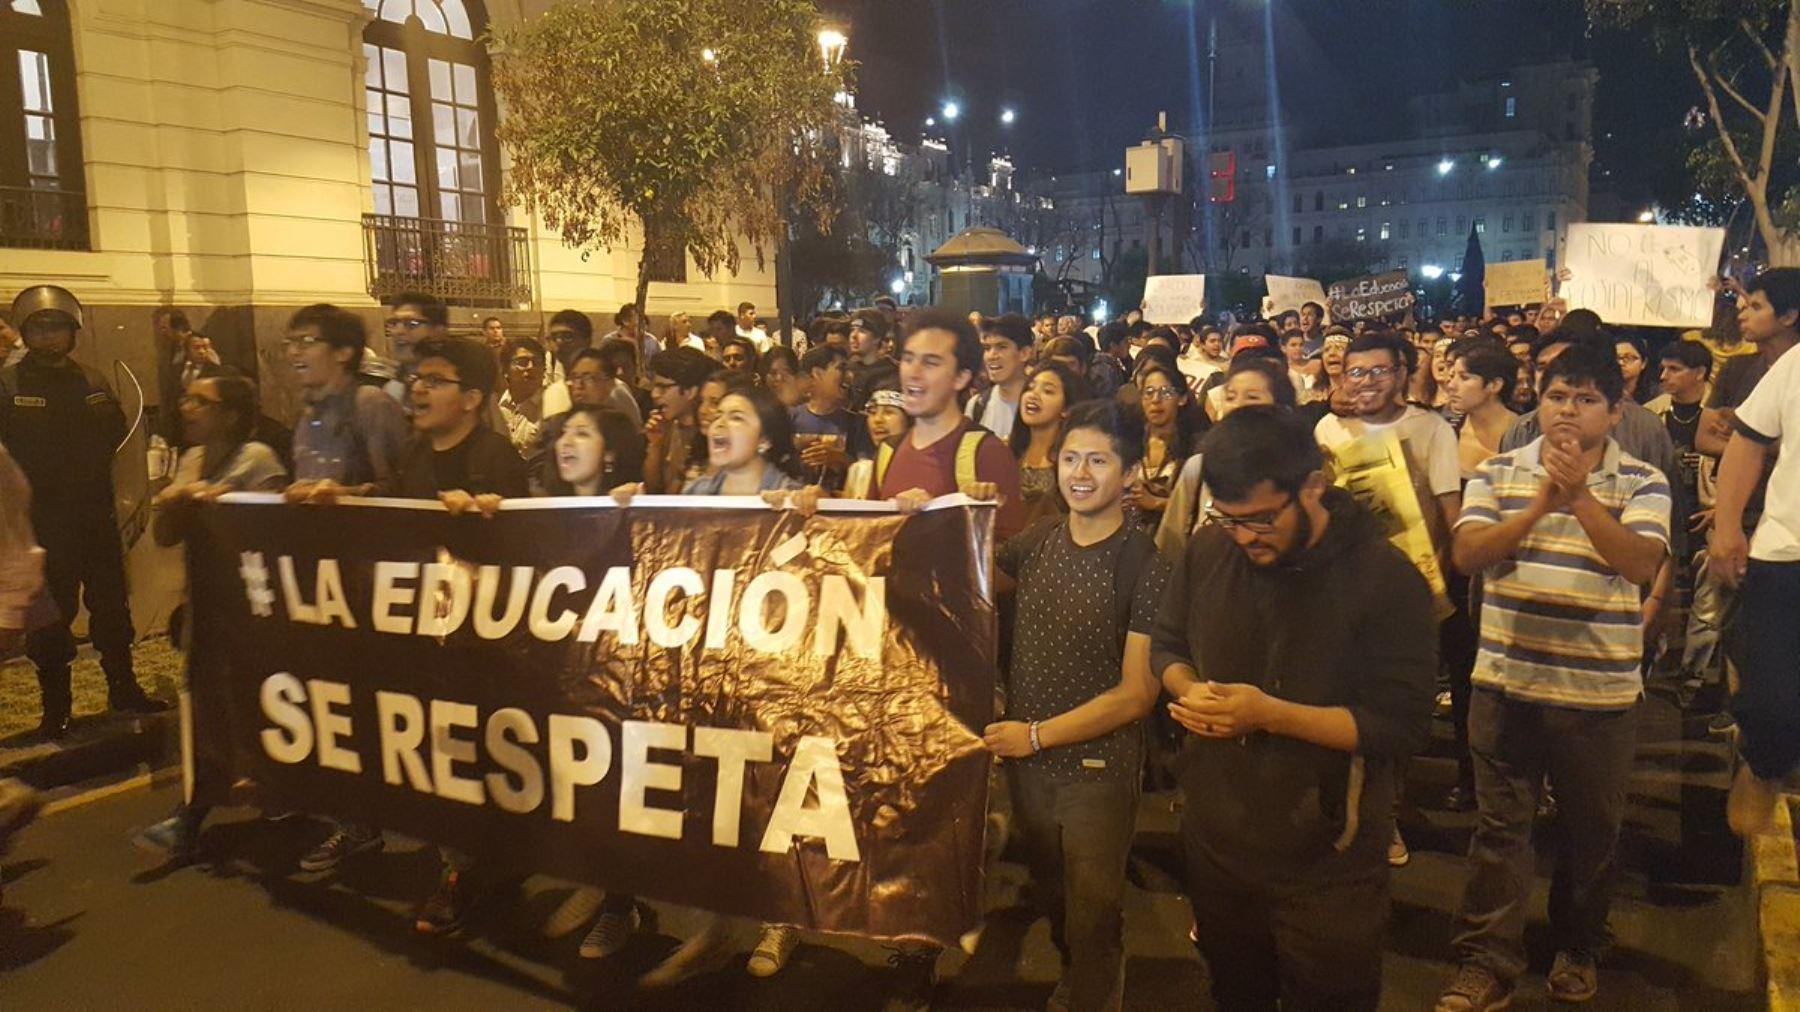 Marcha de respaldo a ministro de Educación, Jaime Saavedra. Foto. Juan Alvarez Morales.